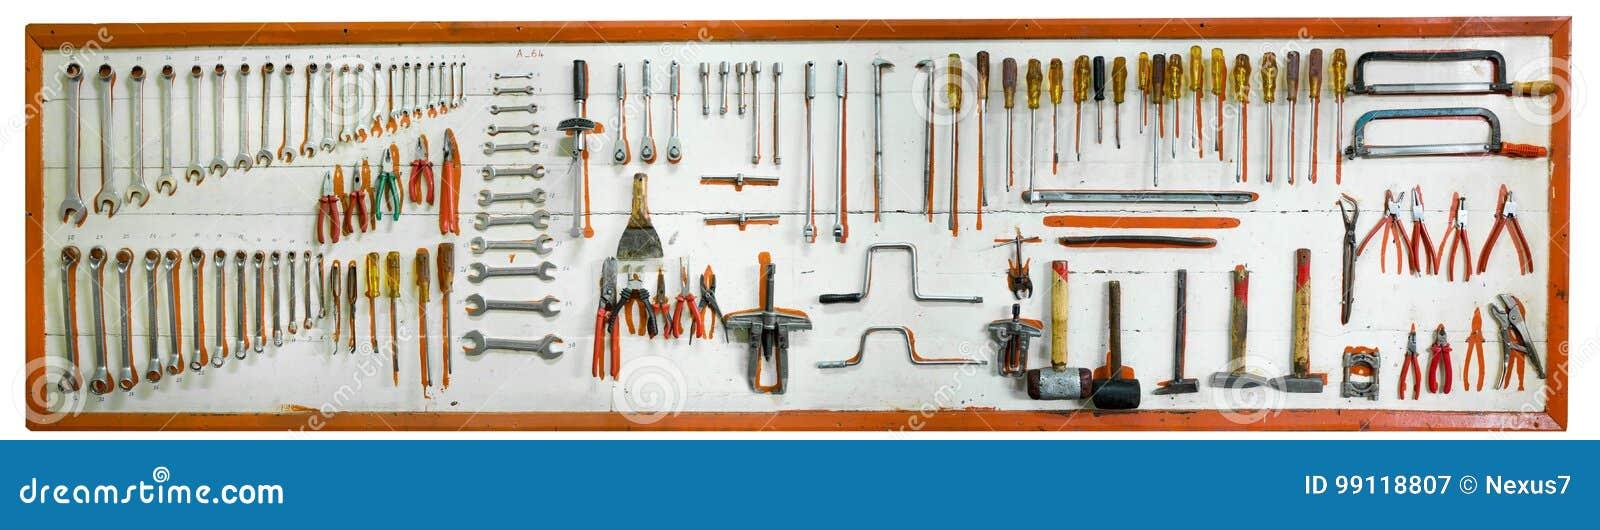 Car mechanic tools